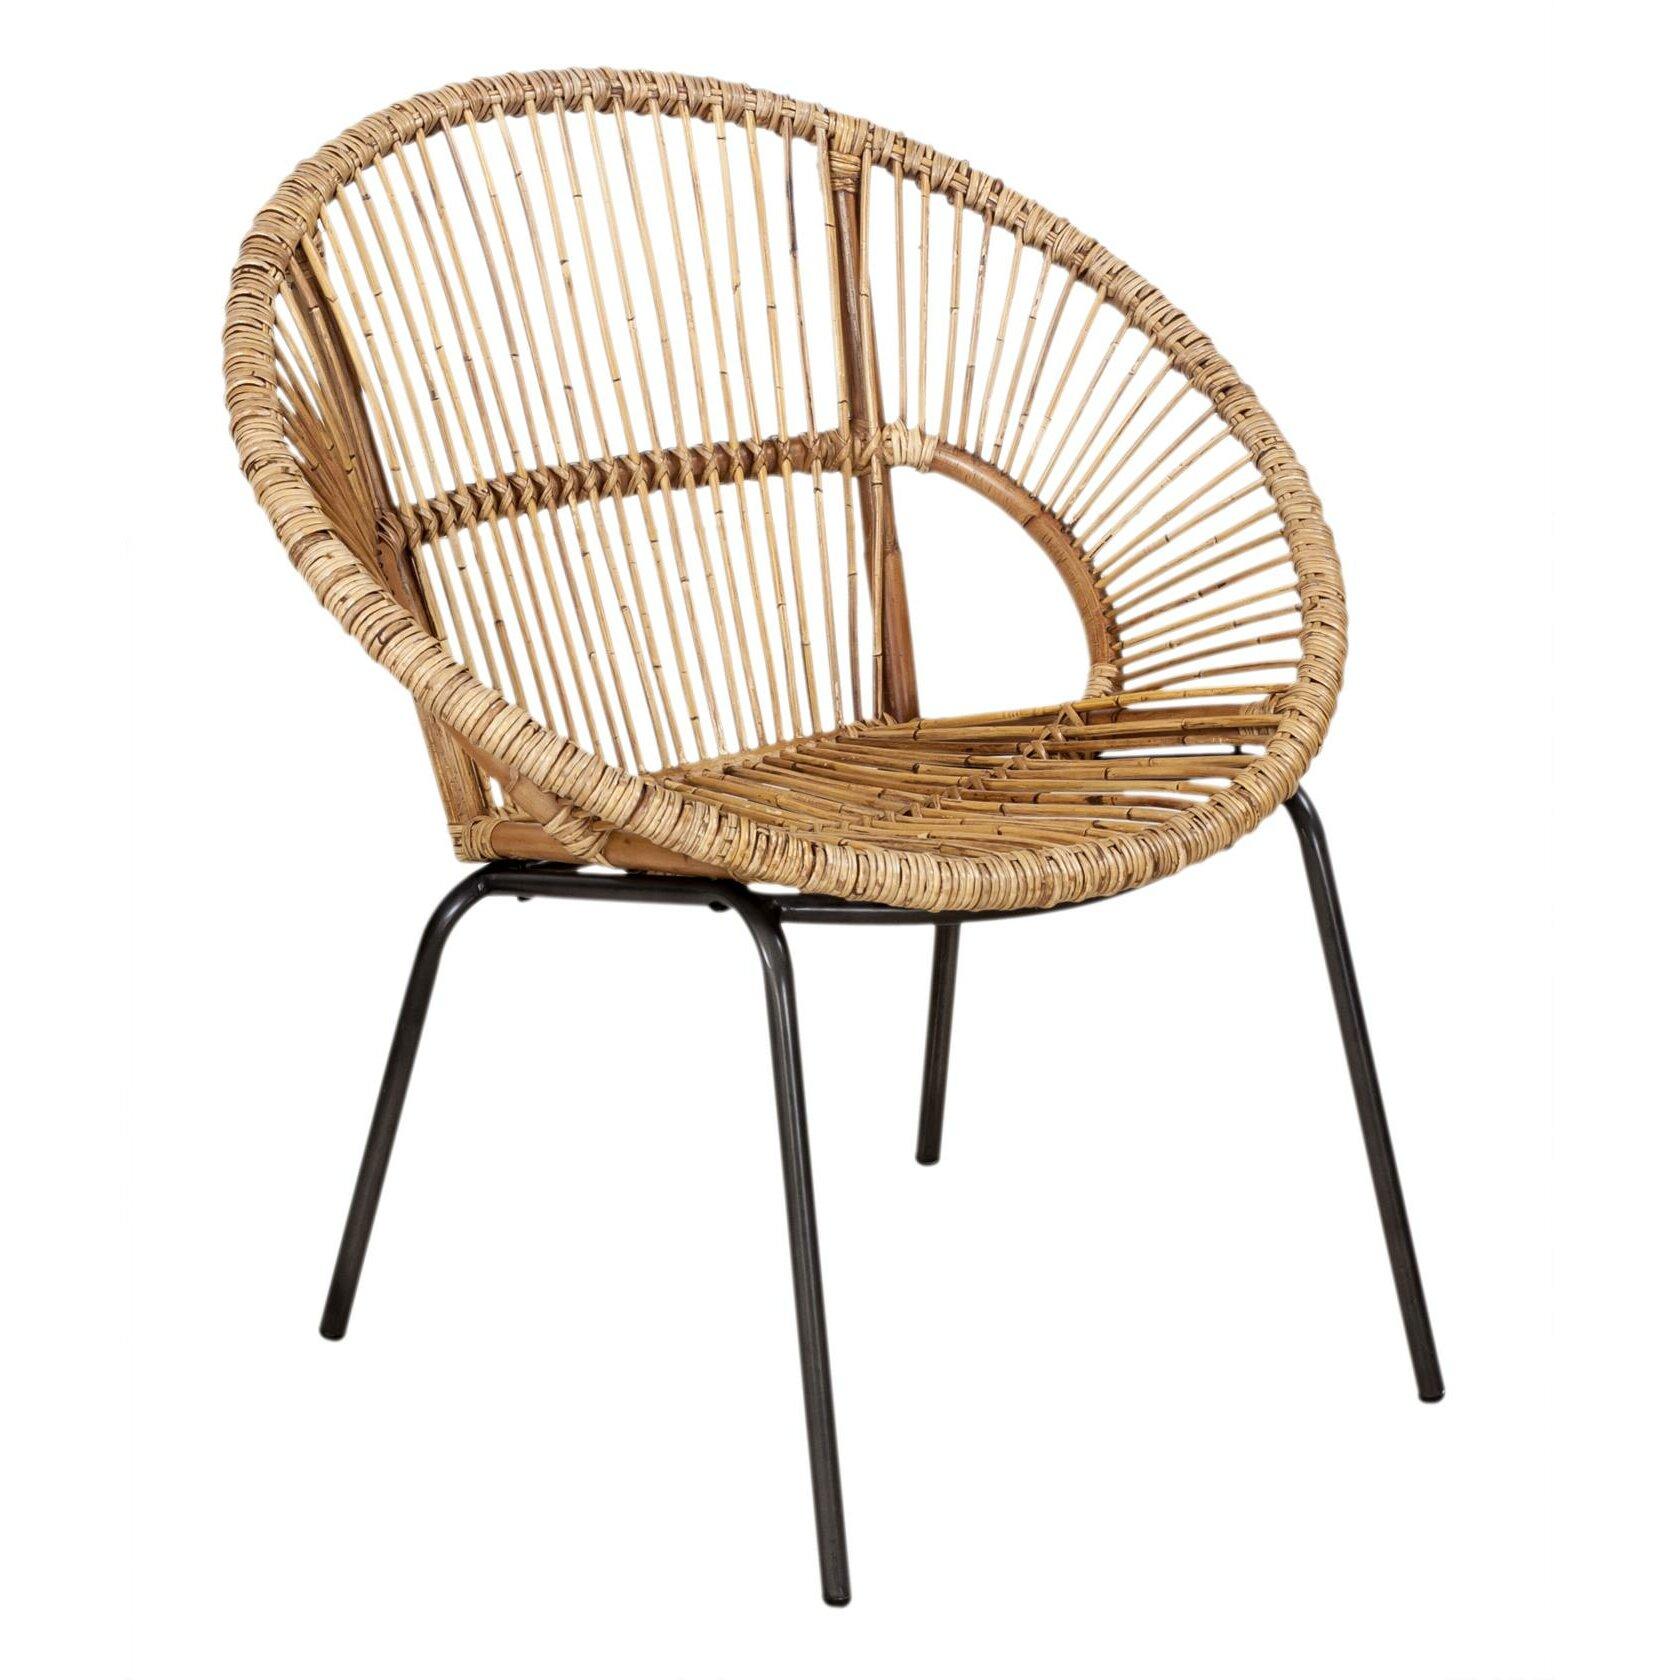 28 [ Circular Bamboo Chair ]